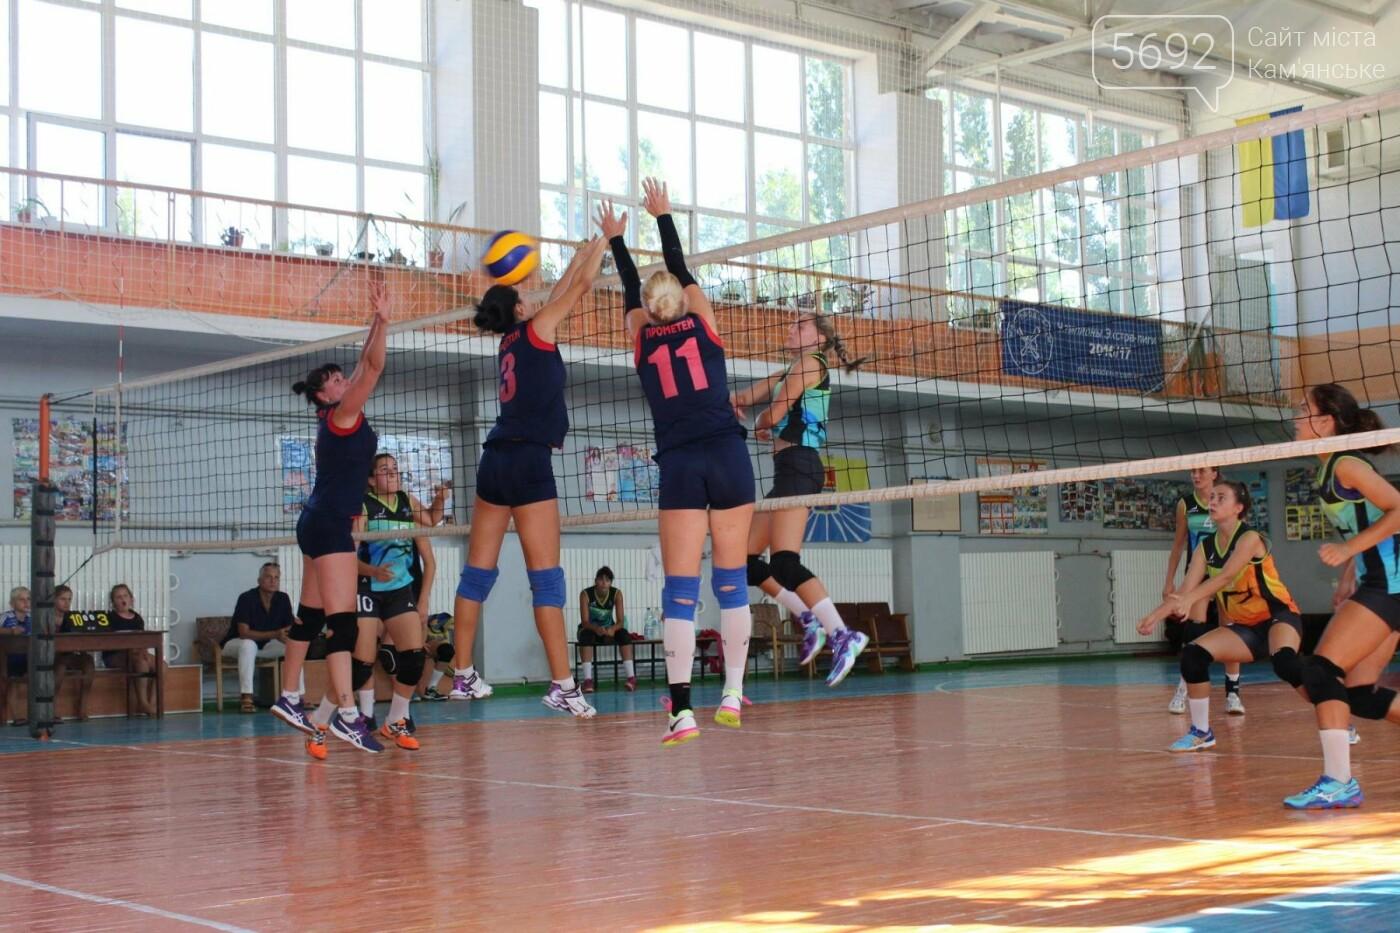 Волейболисты из Каменского стали победителями и призерами выездного турнира, фото-1